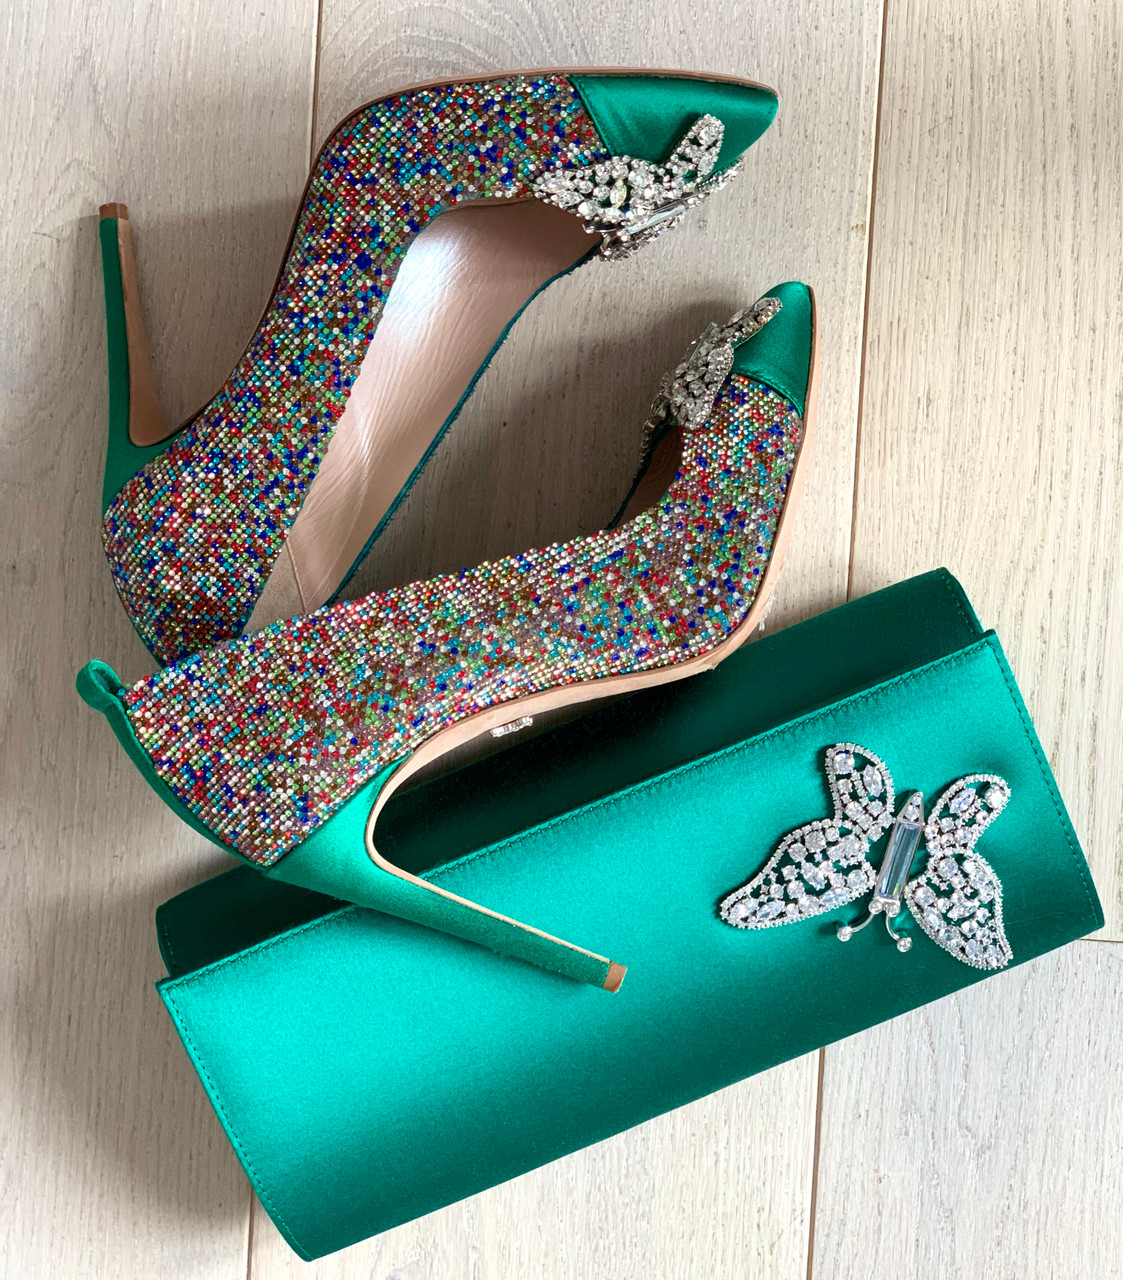 Farfalla Emerald Green Confetti Pointy